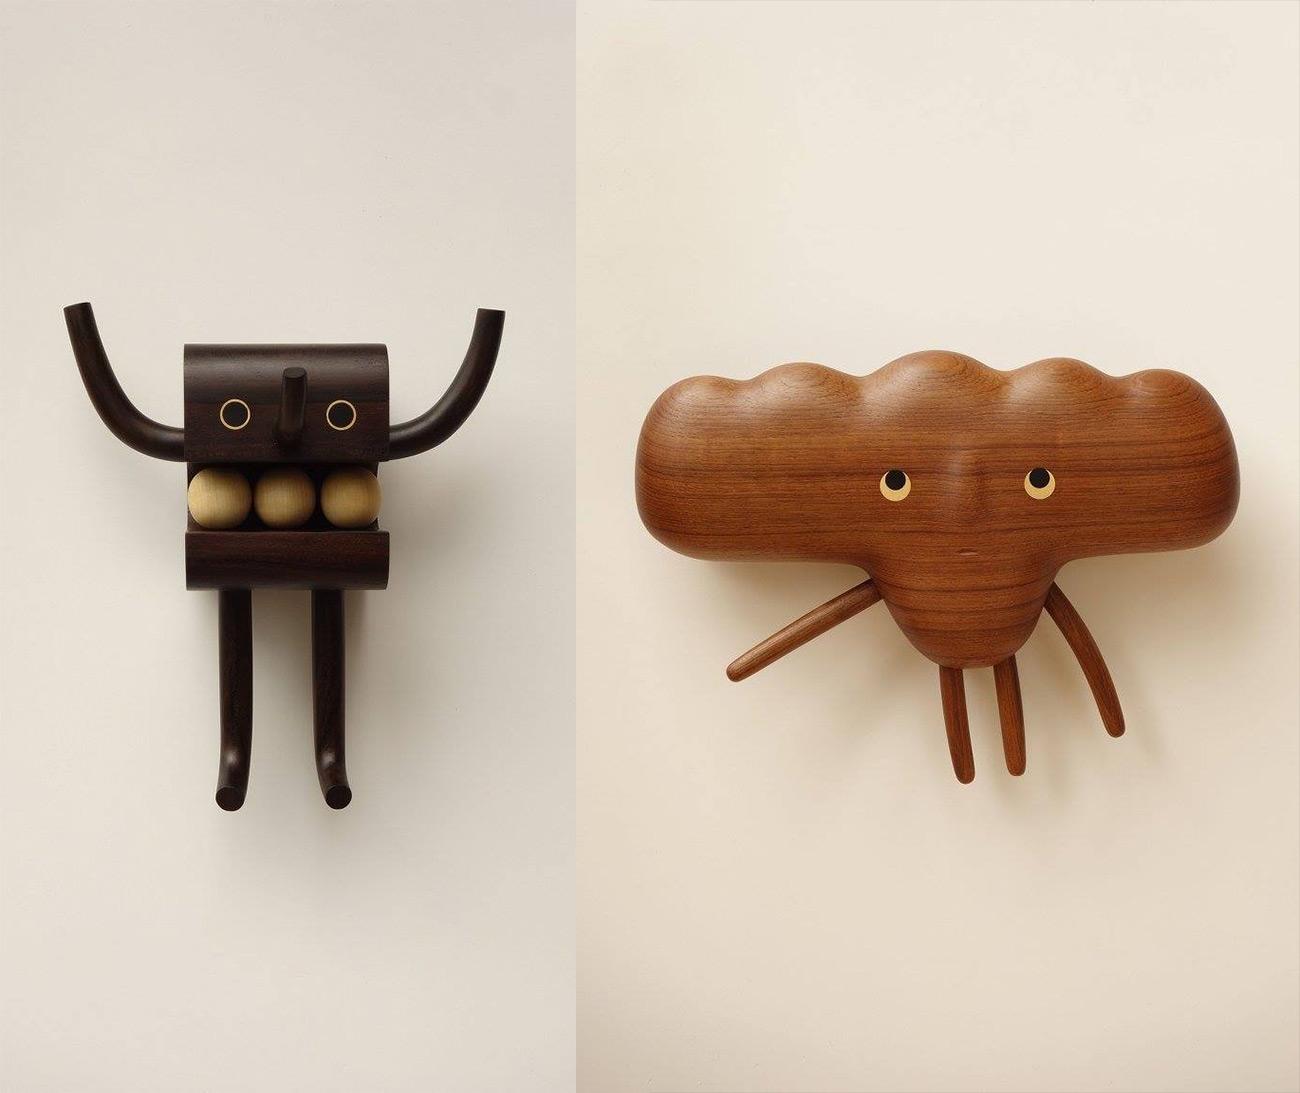 台湾设计师阎瑞麟打造一系列可爱木头玩偶